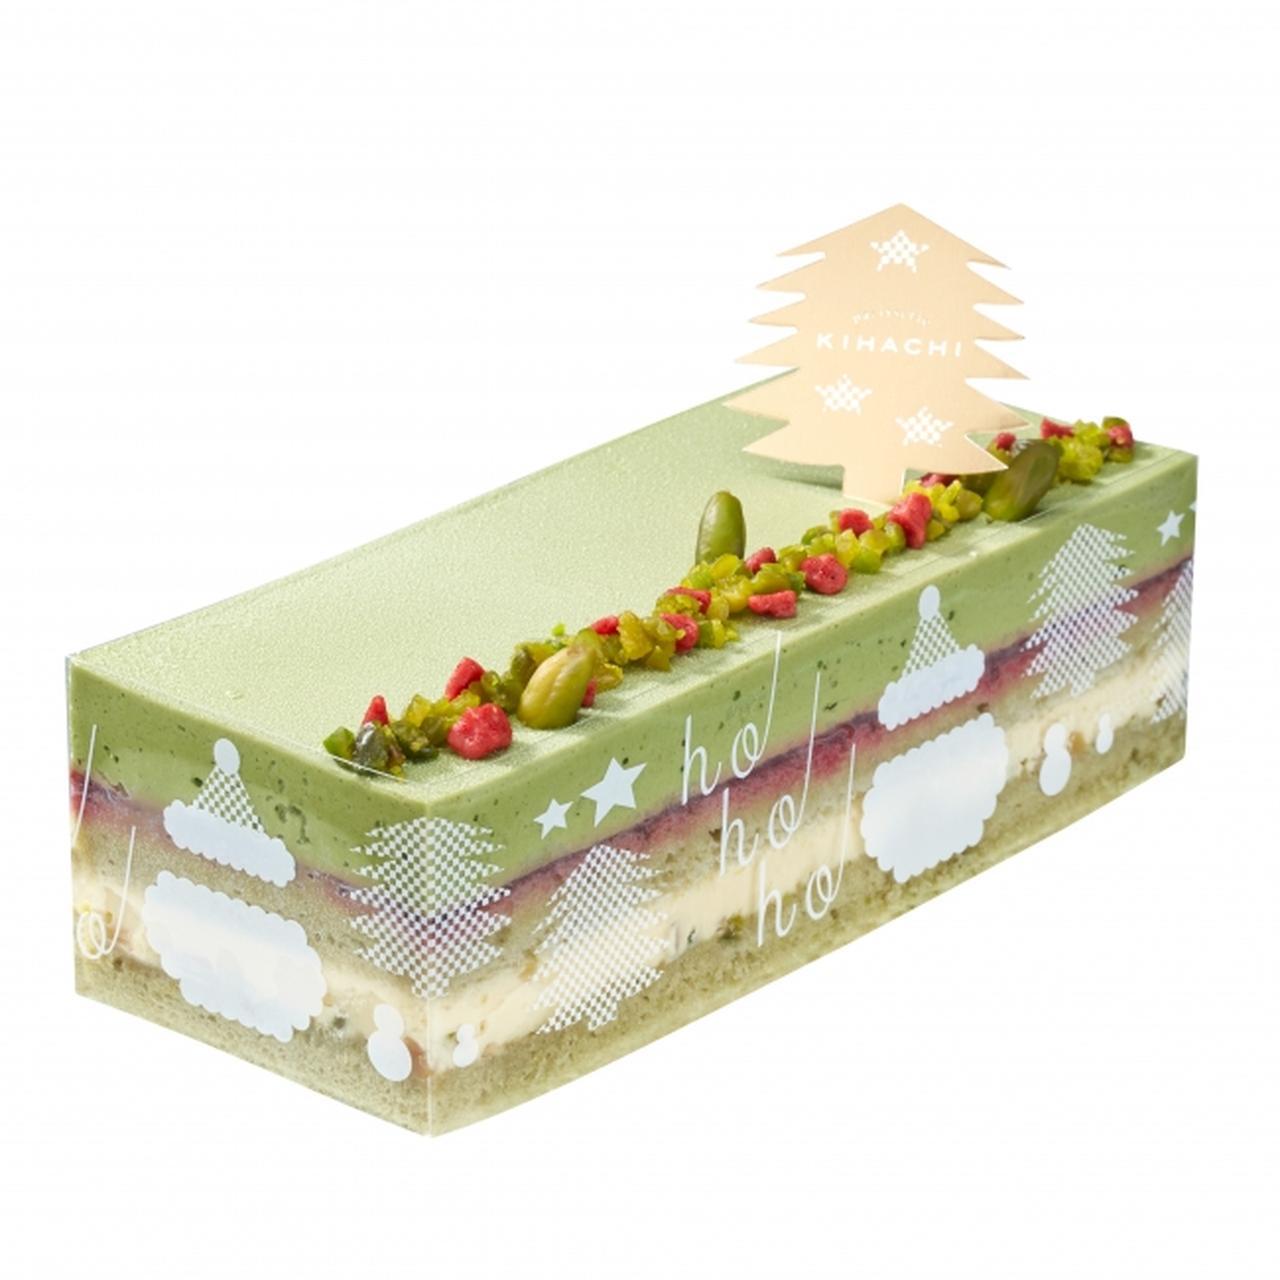 画像4: 【パティスリー キハチ】2019 クリスマスケーキ、限定ポーチに入った伝統菓子「シュトーレン」など可愛いクリスマスギフトも発売